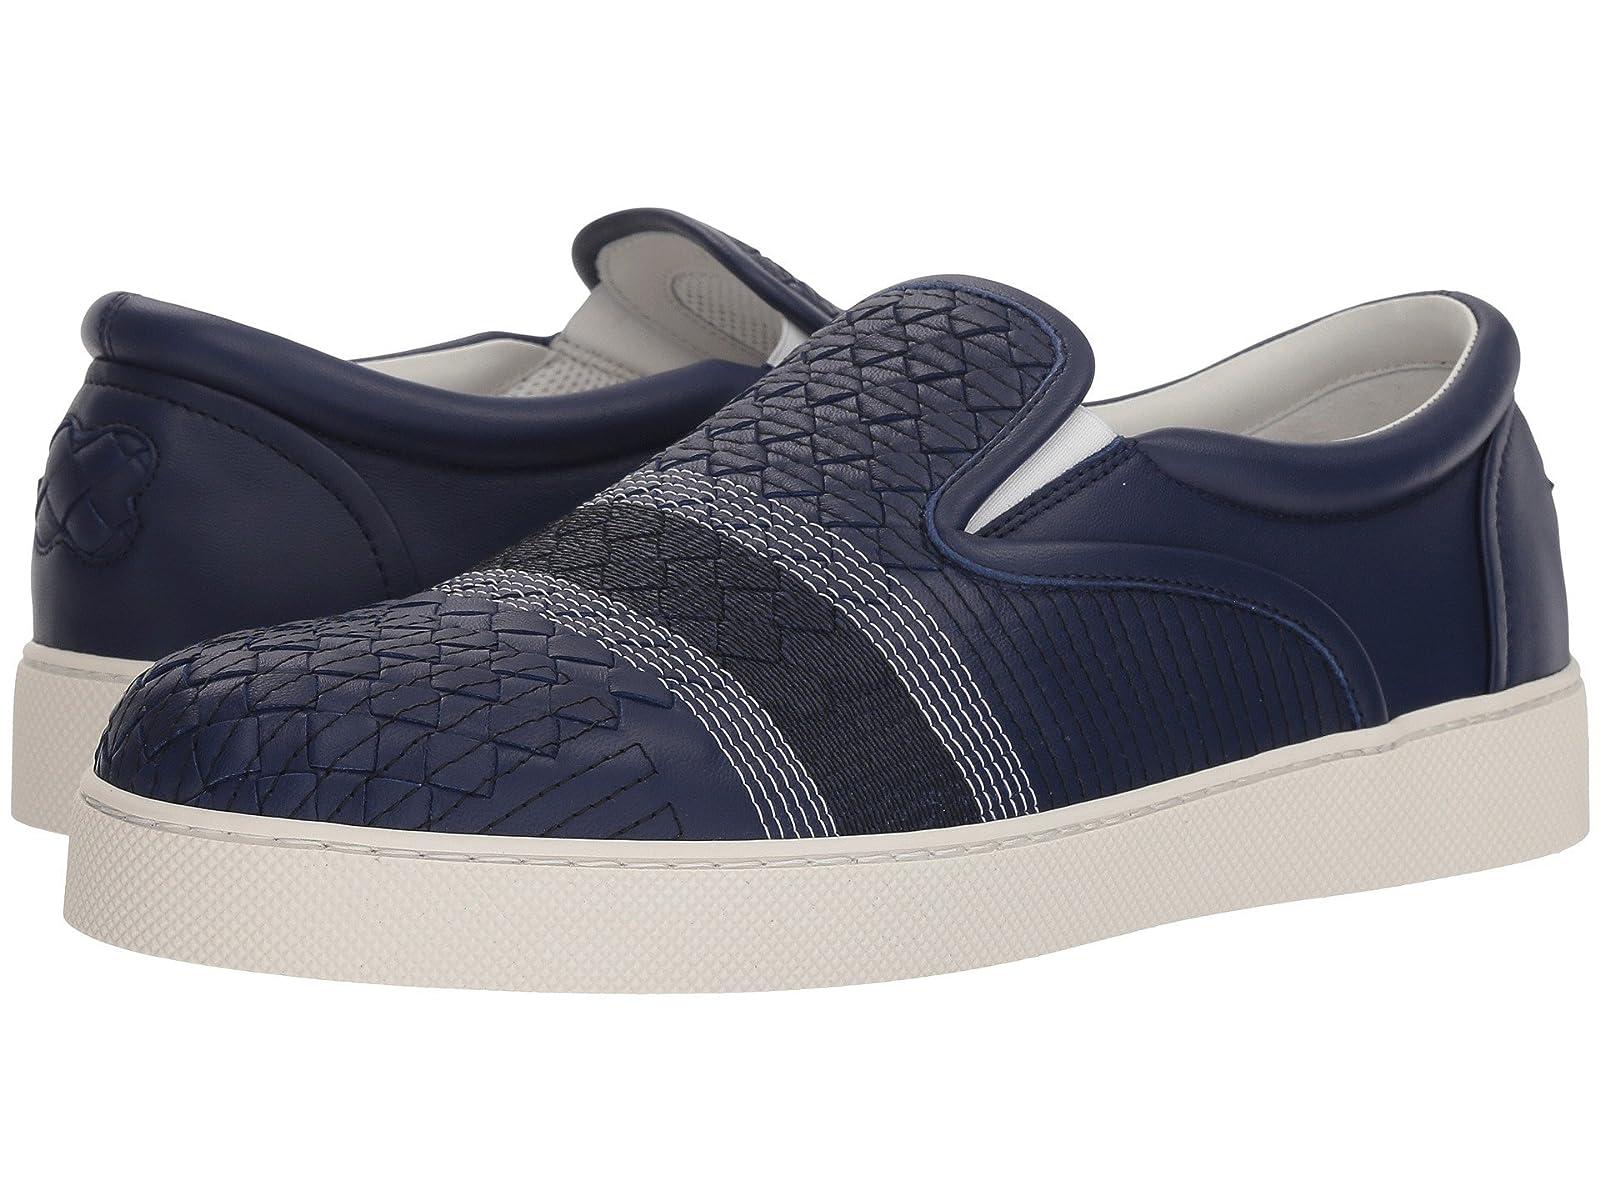 Bottega Veneta Dodger Backstitch SneakerAtmospheric grades have affordable shoes